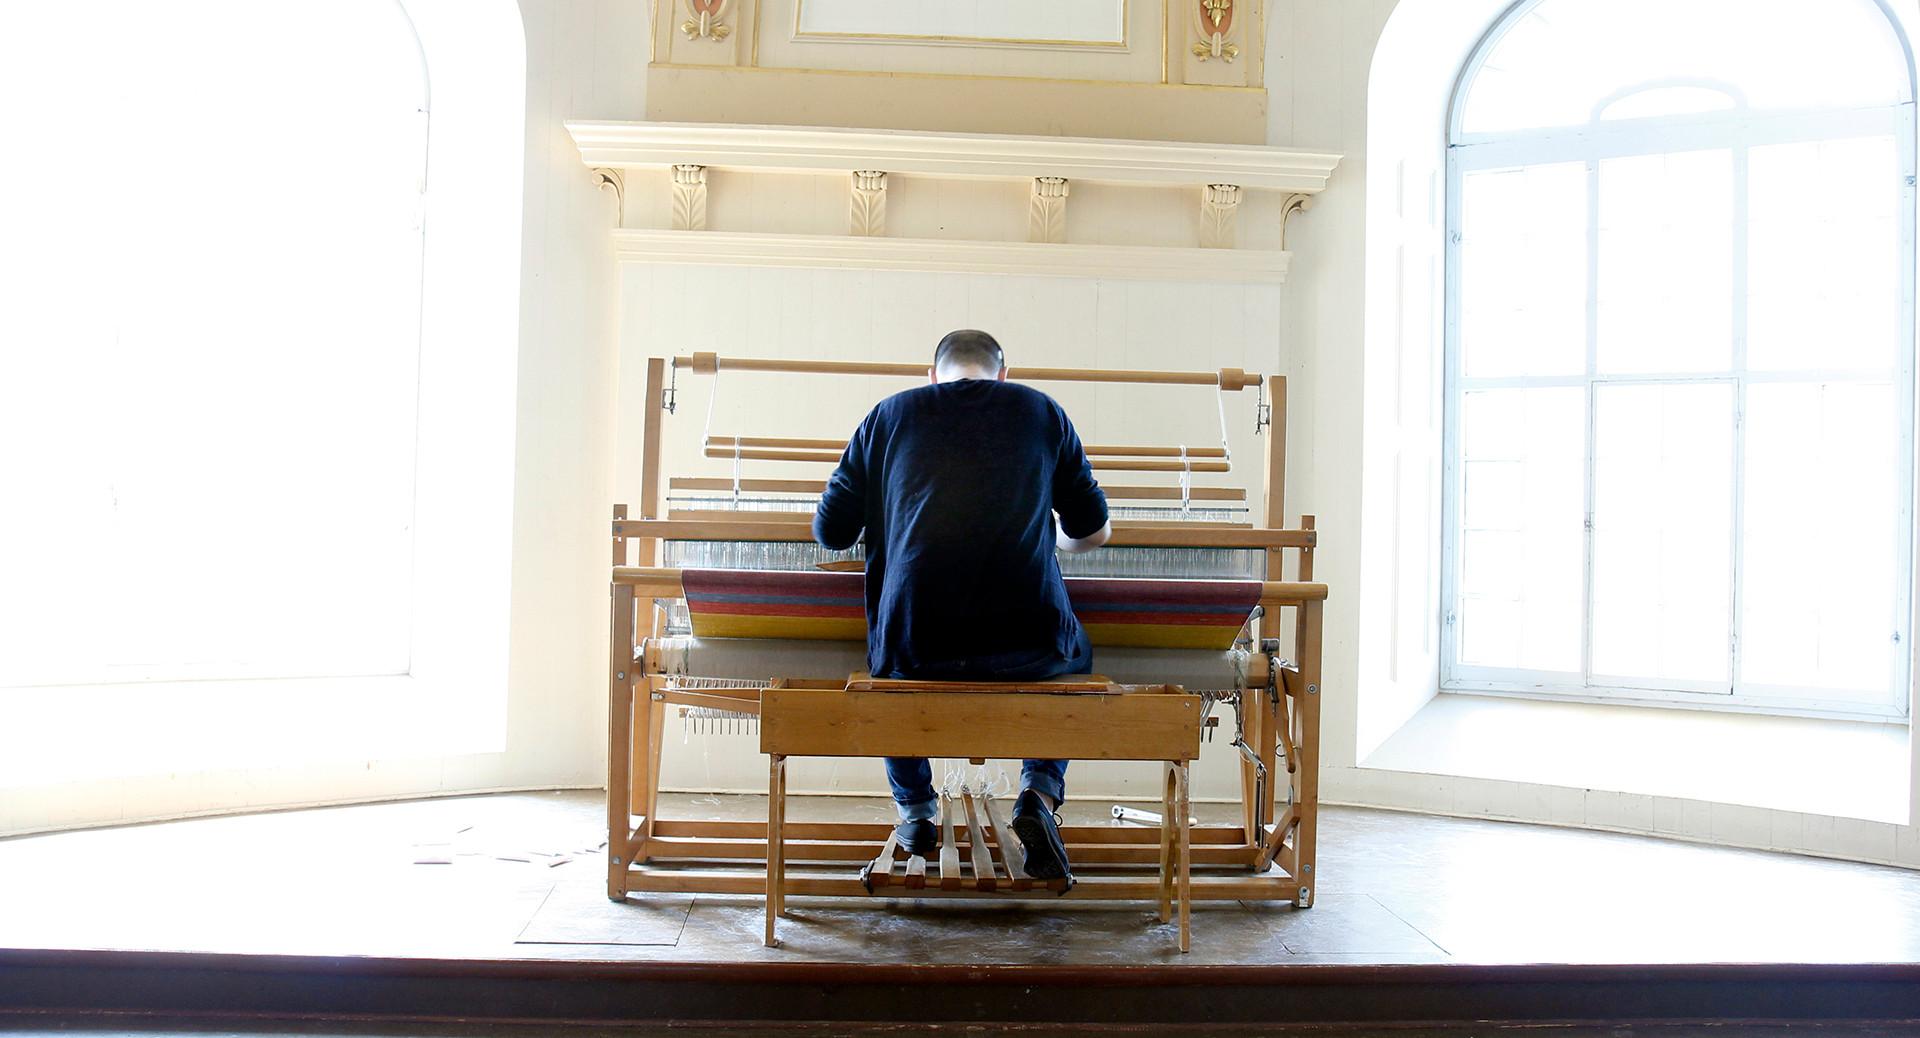 biennale internationale du lin de portneuf, église saint-joseph de deschambault-grodines, 2015